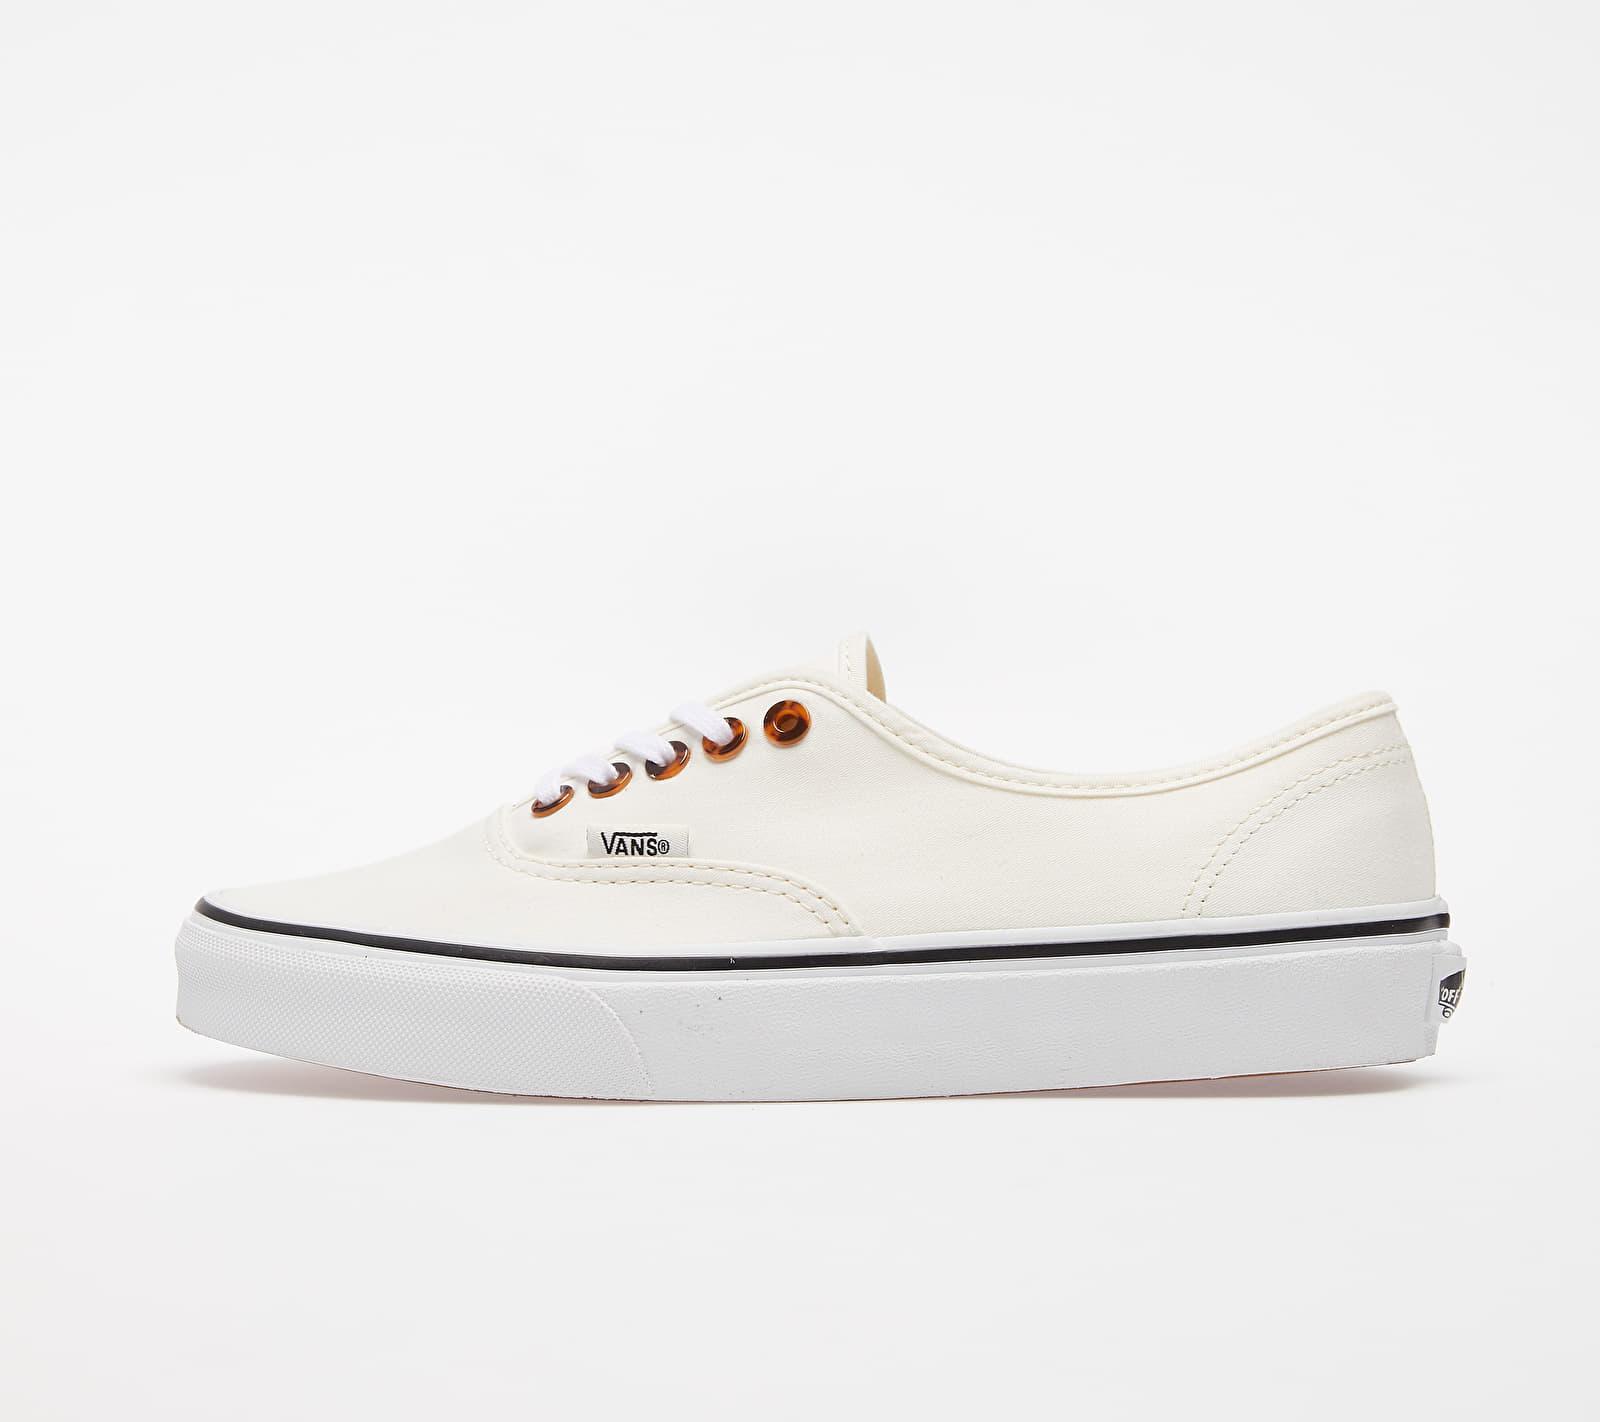 Vans Authentic (Tort) Classic White/ True White EUR 38.5